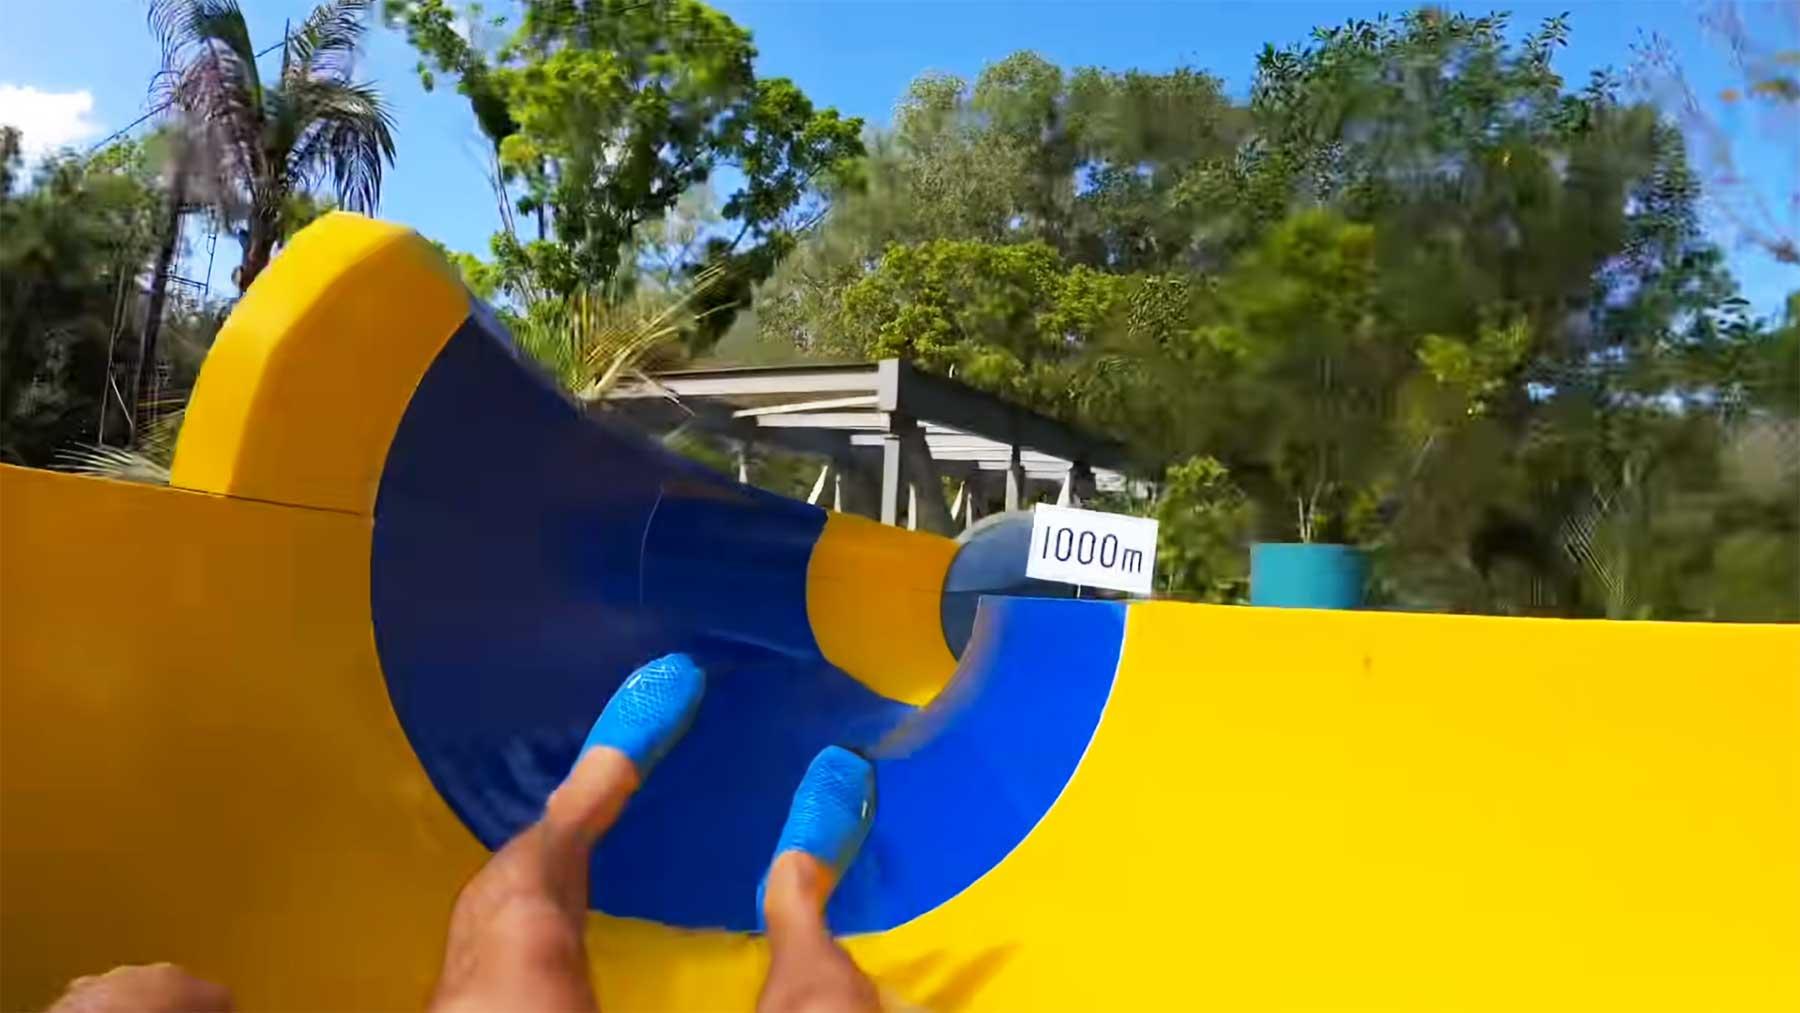 Längste Wasserrutsche der Welt ist 1,1 Kilometer lang weltlaengste-wasserrutsche-der-welt